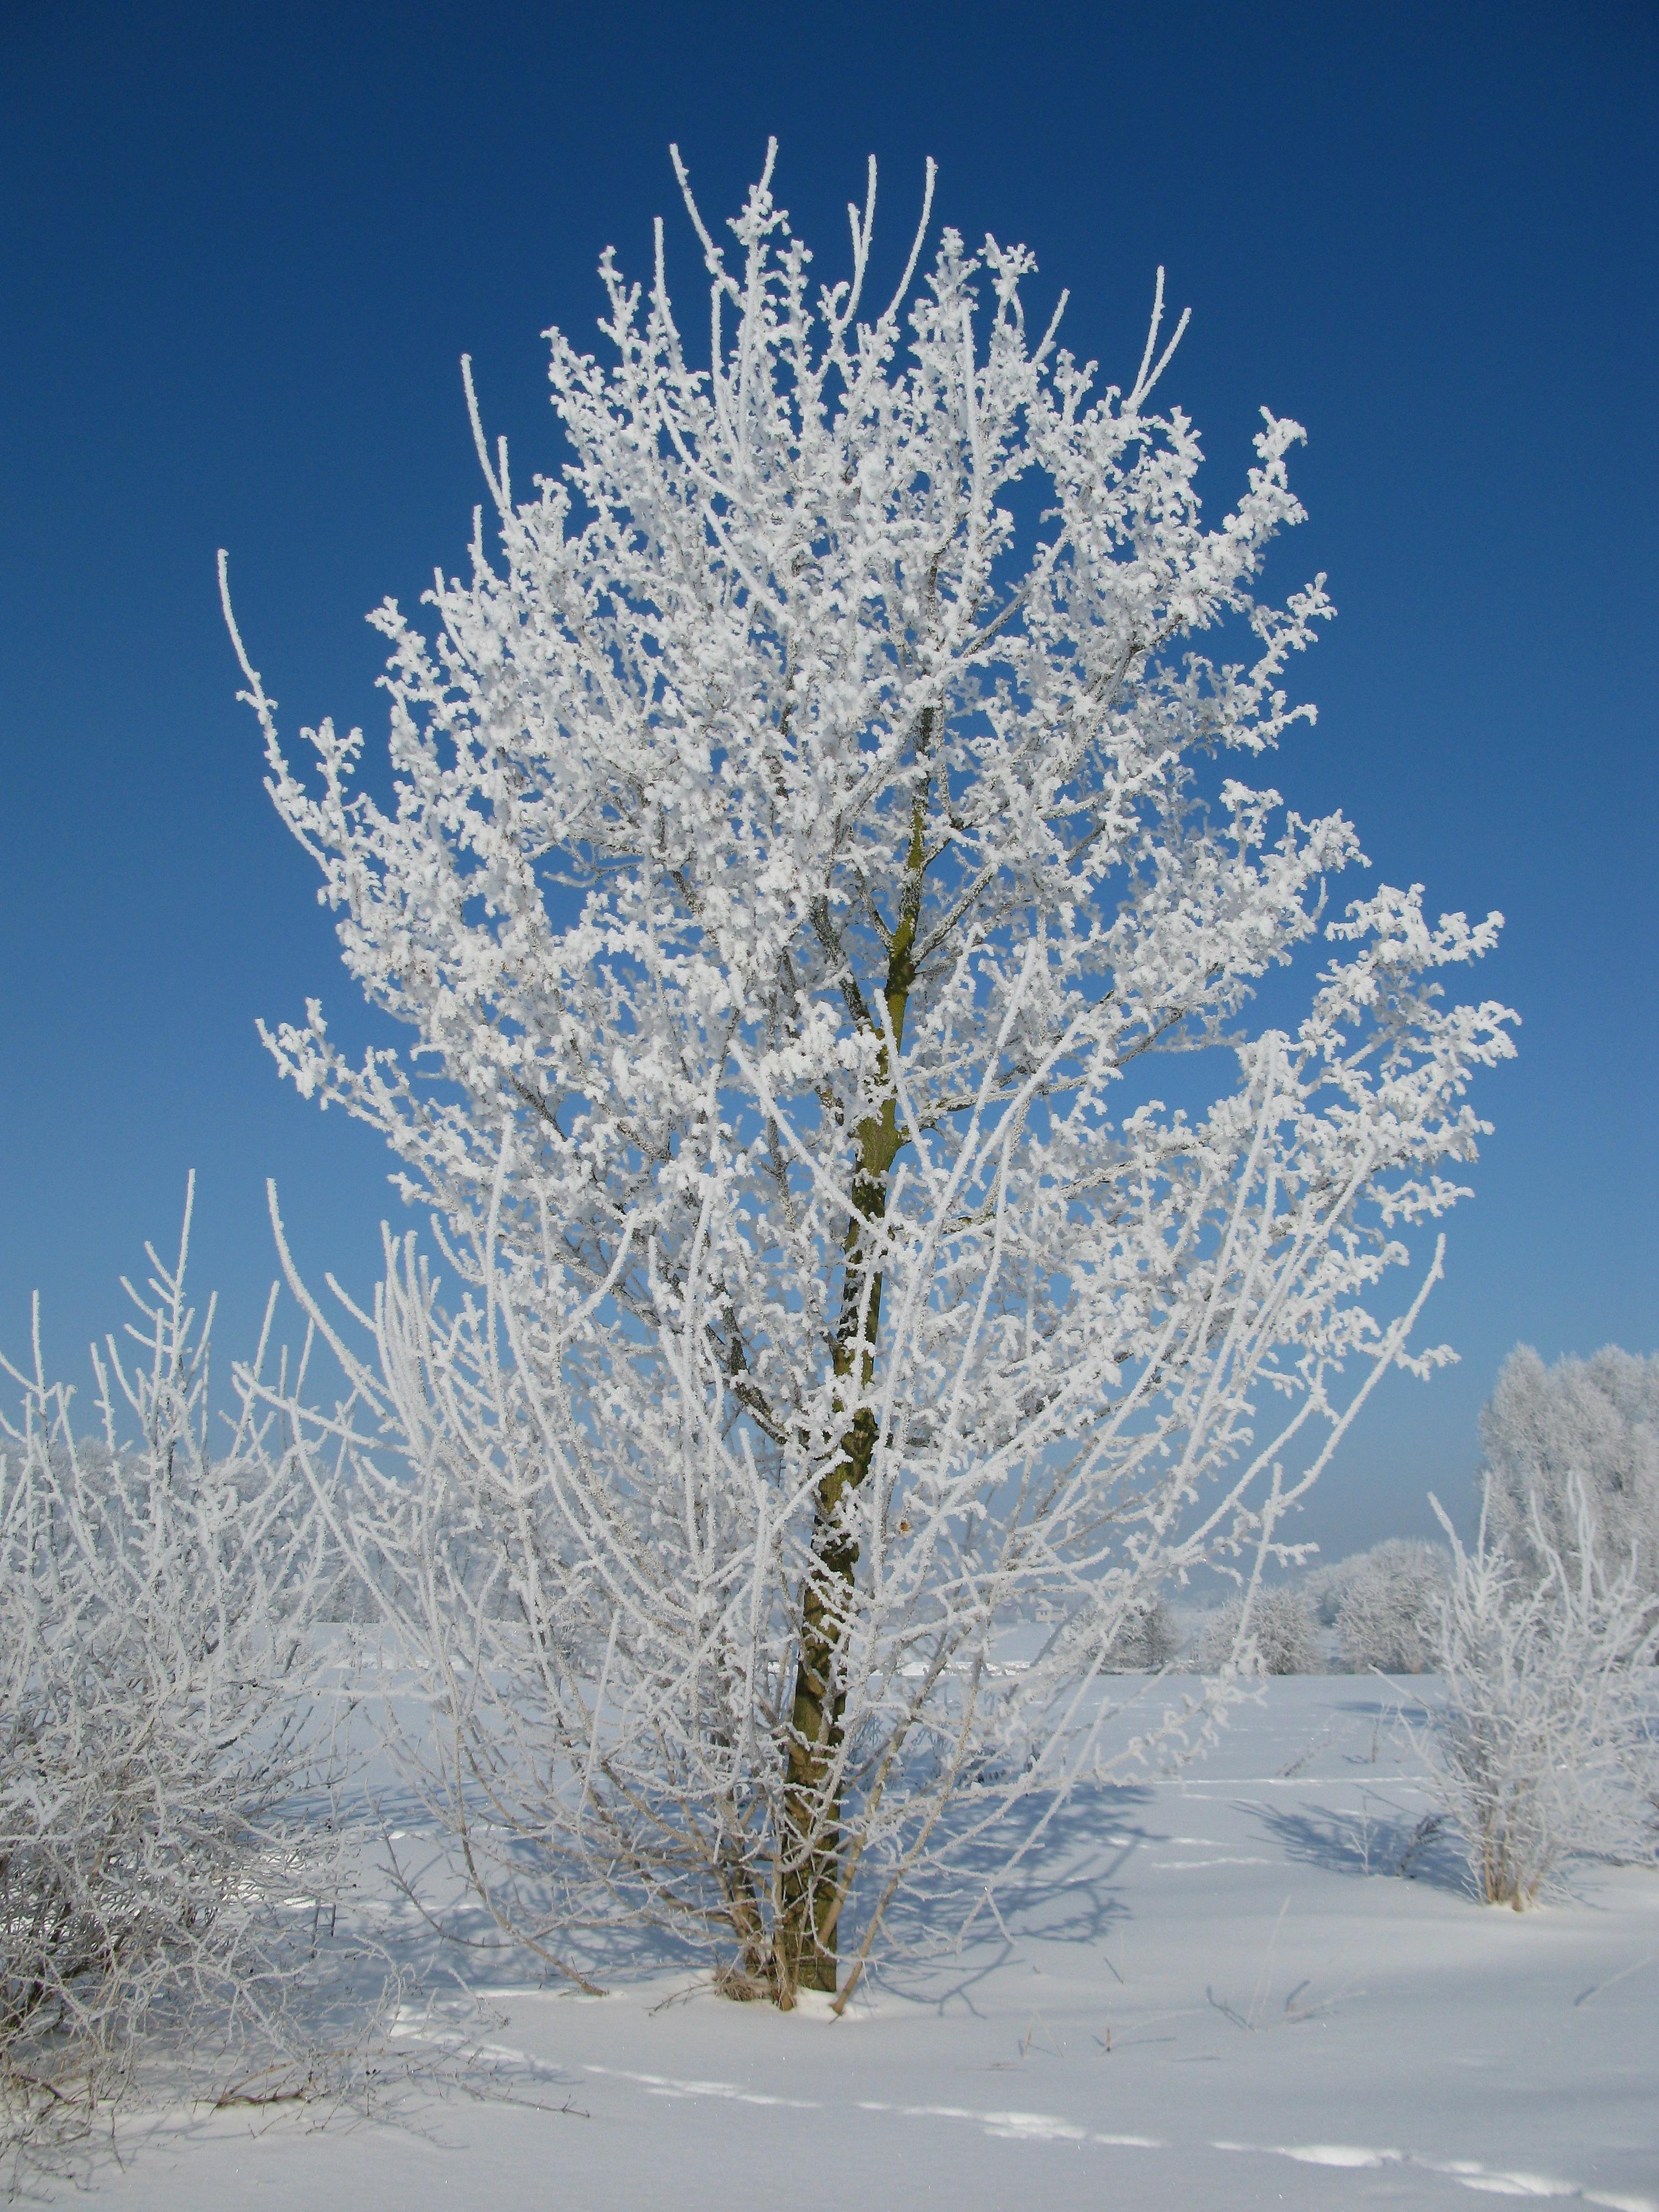 Картинки зимних деревьев и кустарников